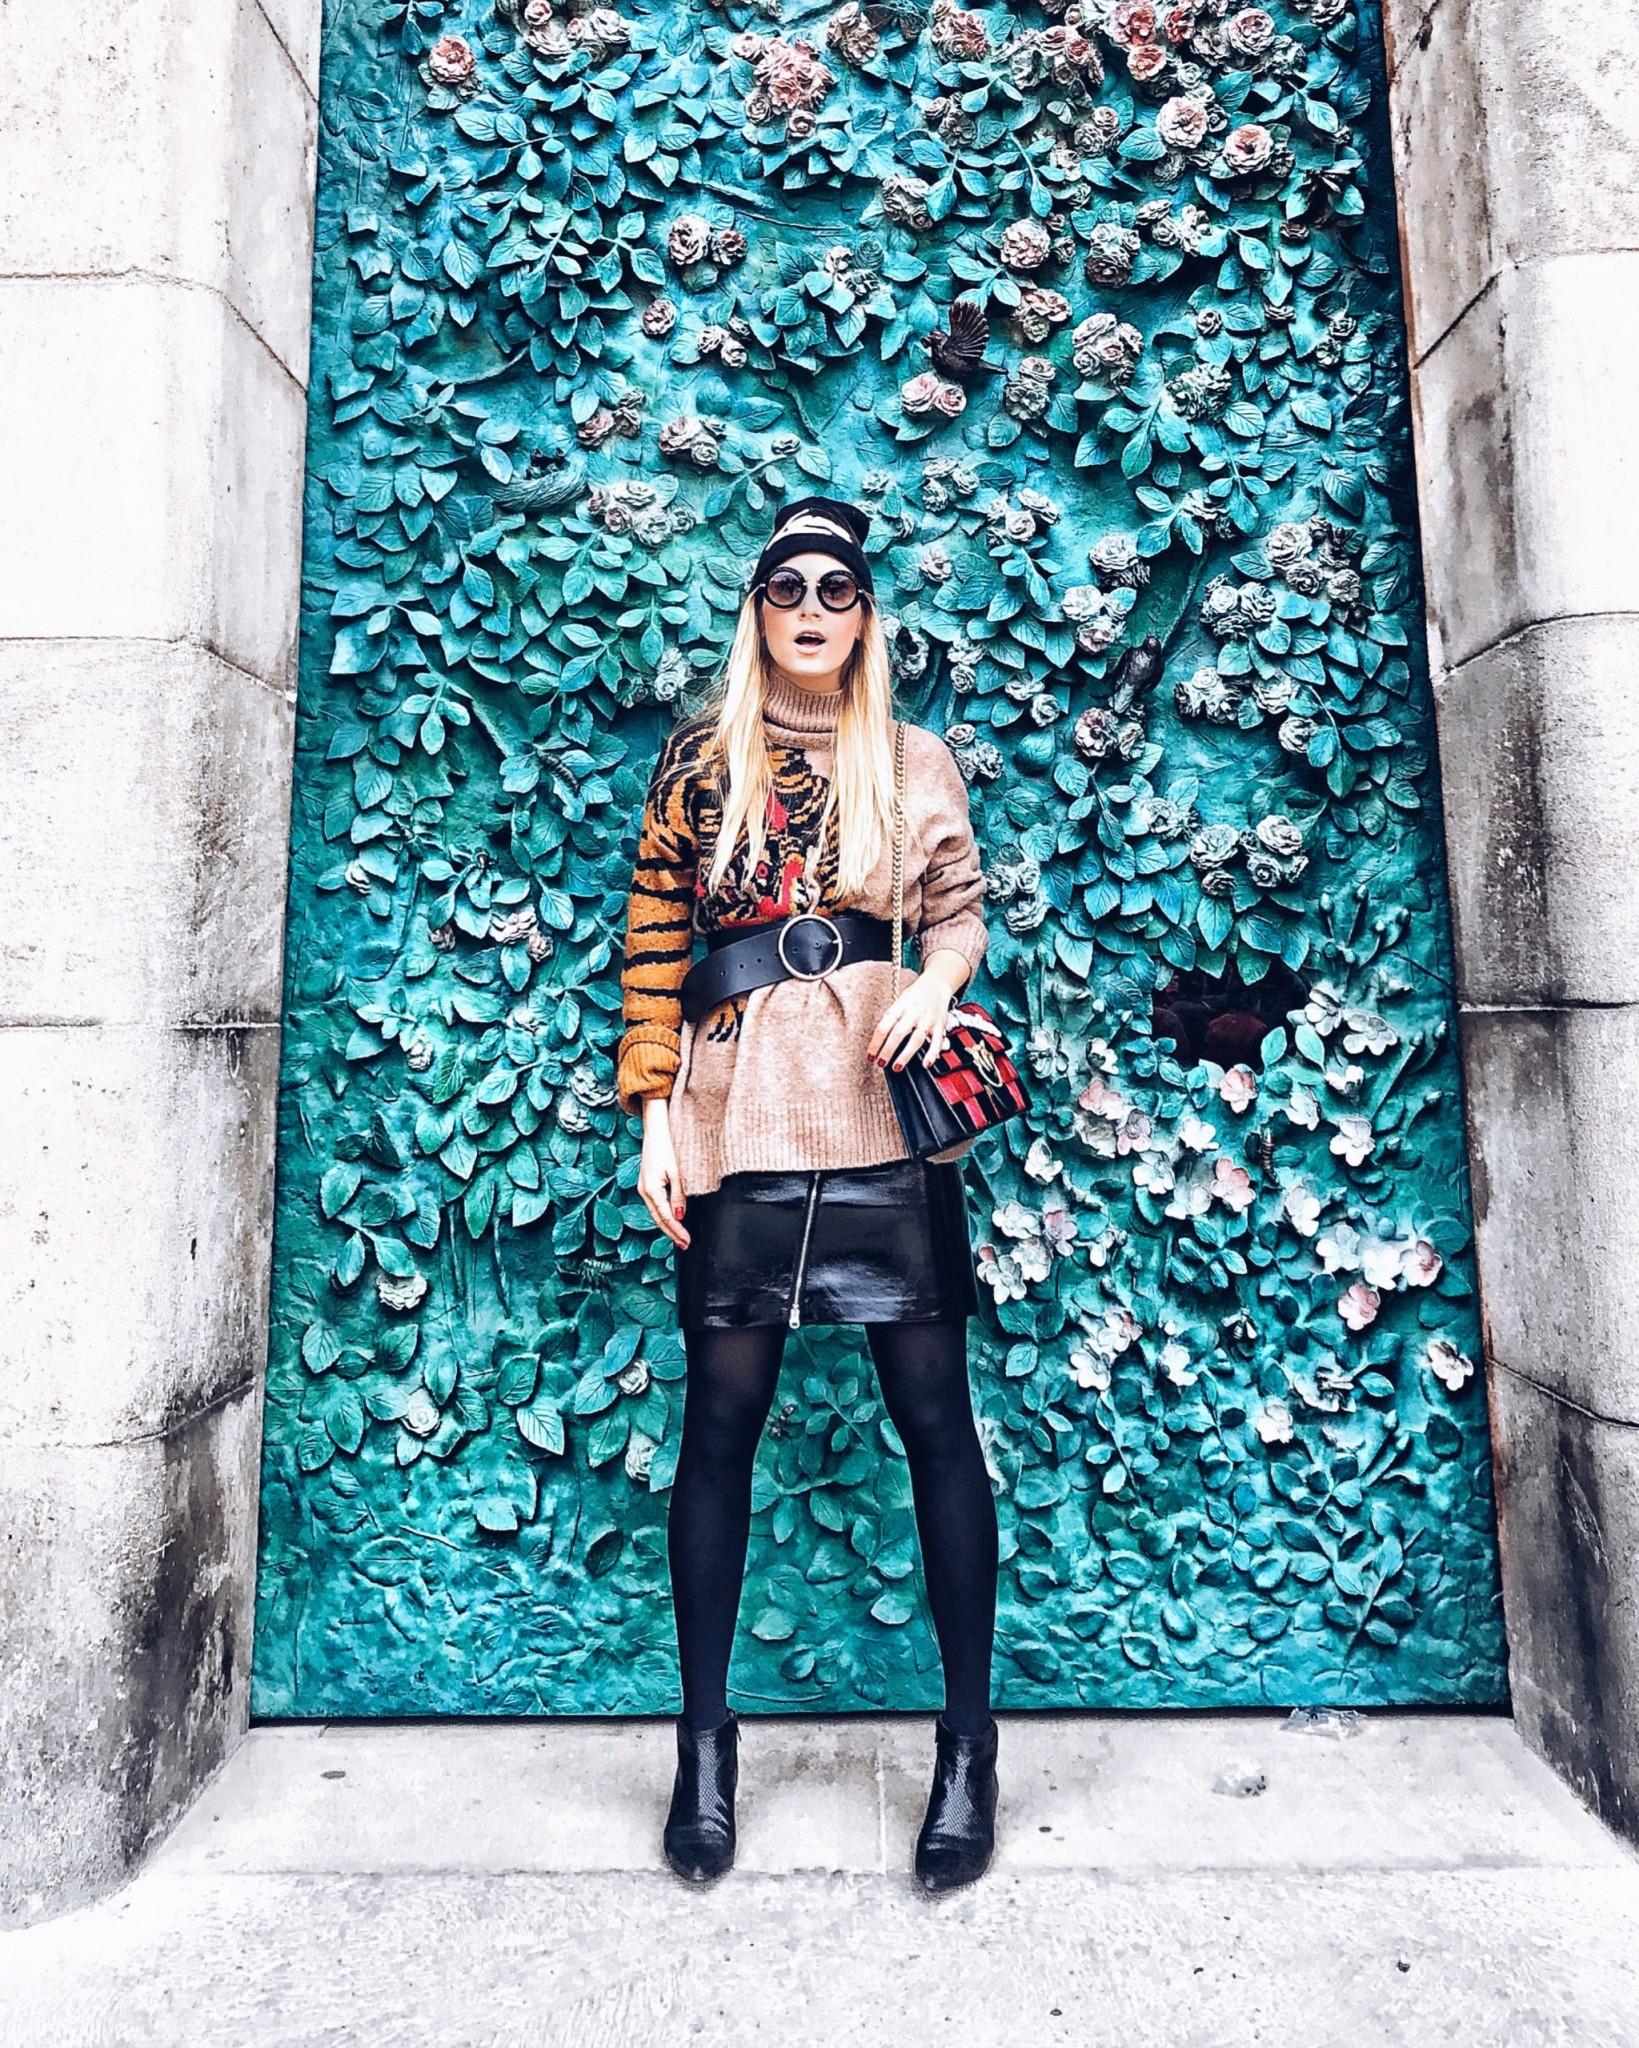 19best_instagram_photos_2017_fabulous_muses_diana_enciu_alina_tanasa